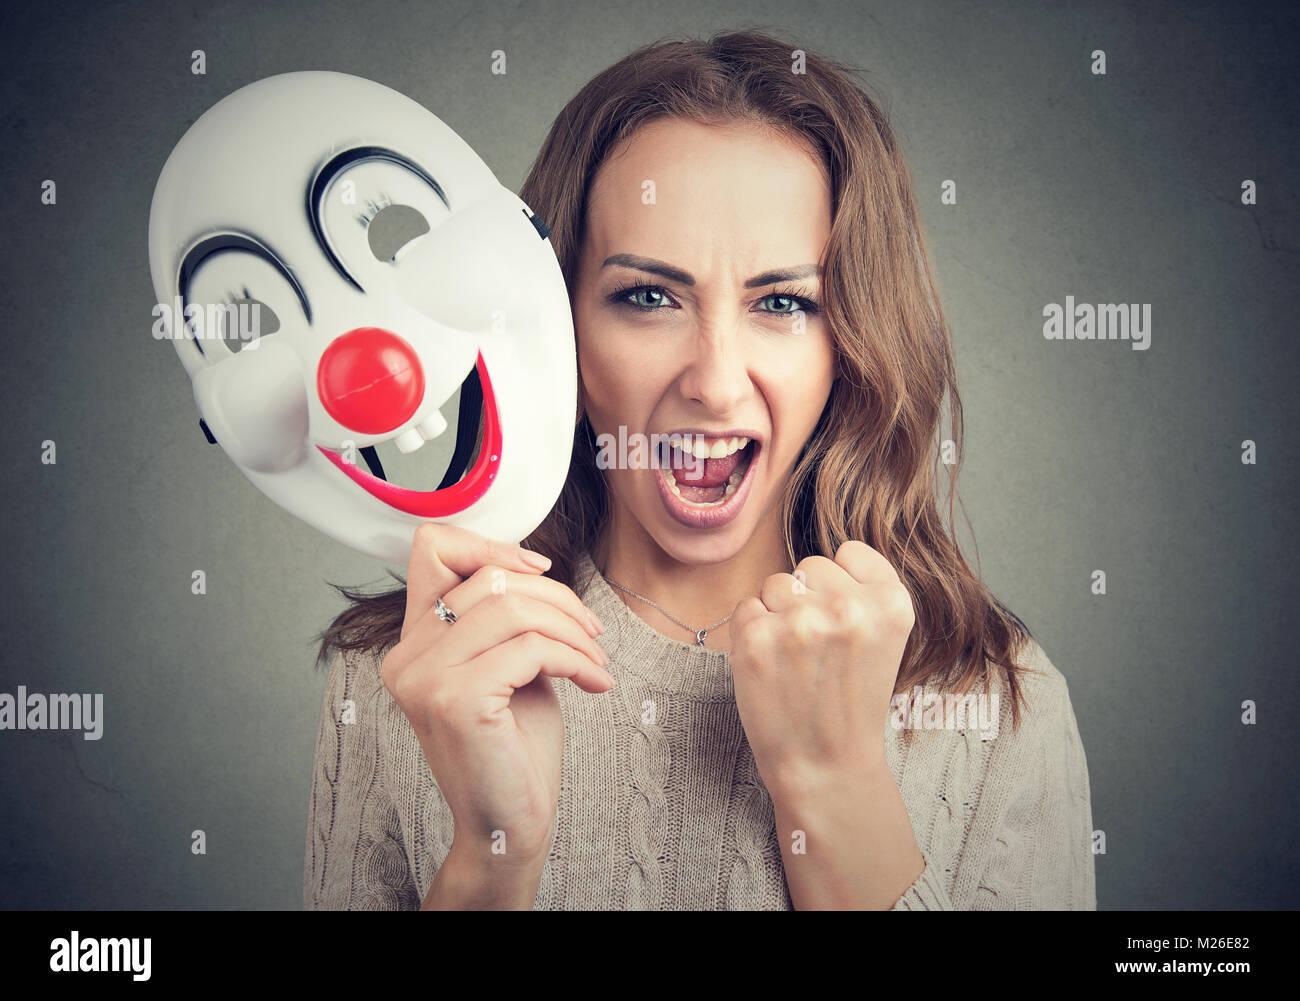 Junge Frau mit clown Maske und schreit Kamera auf Grau. Stockbild